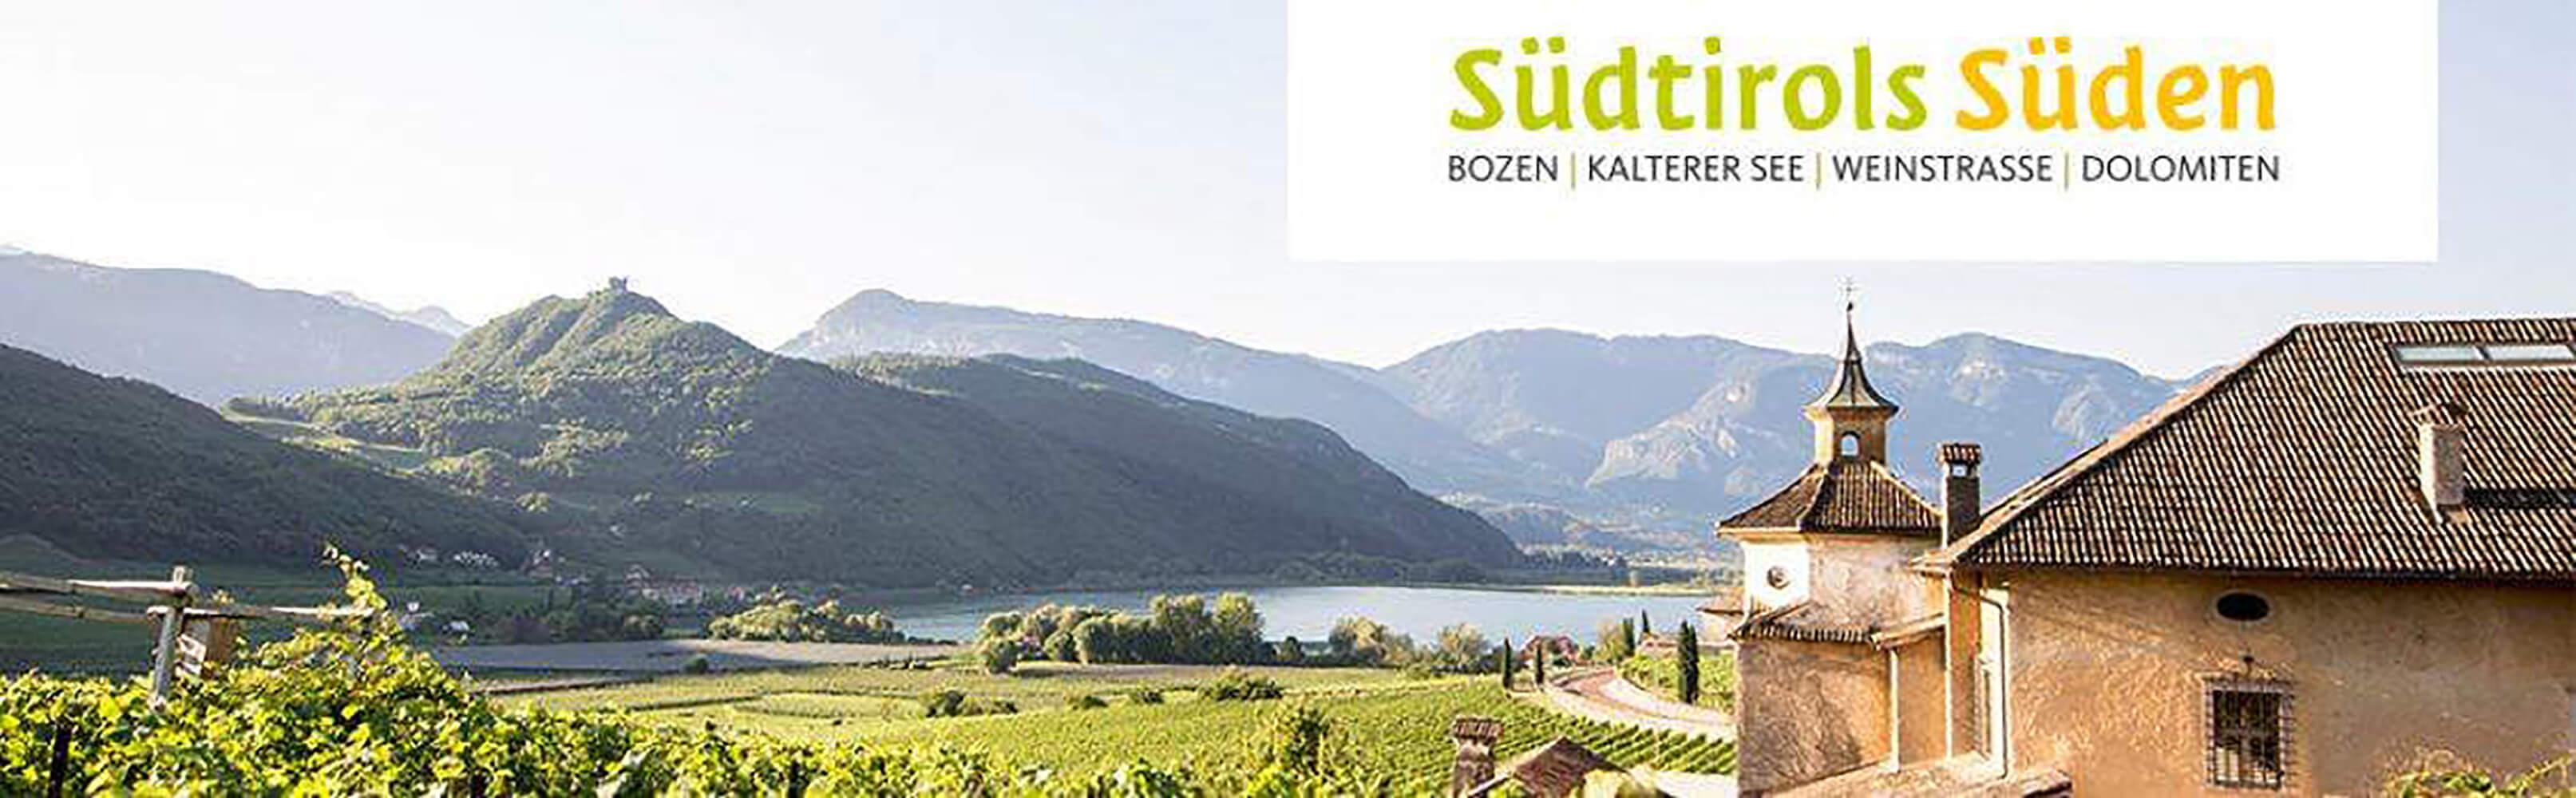 Kulturelle Zeitreise durch Südtirol  1